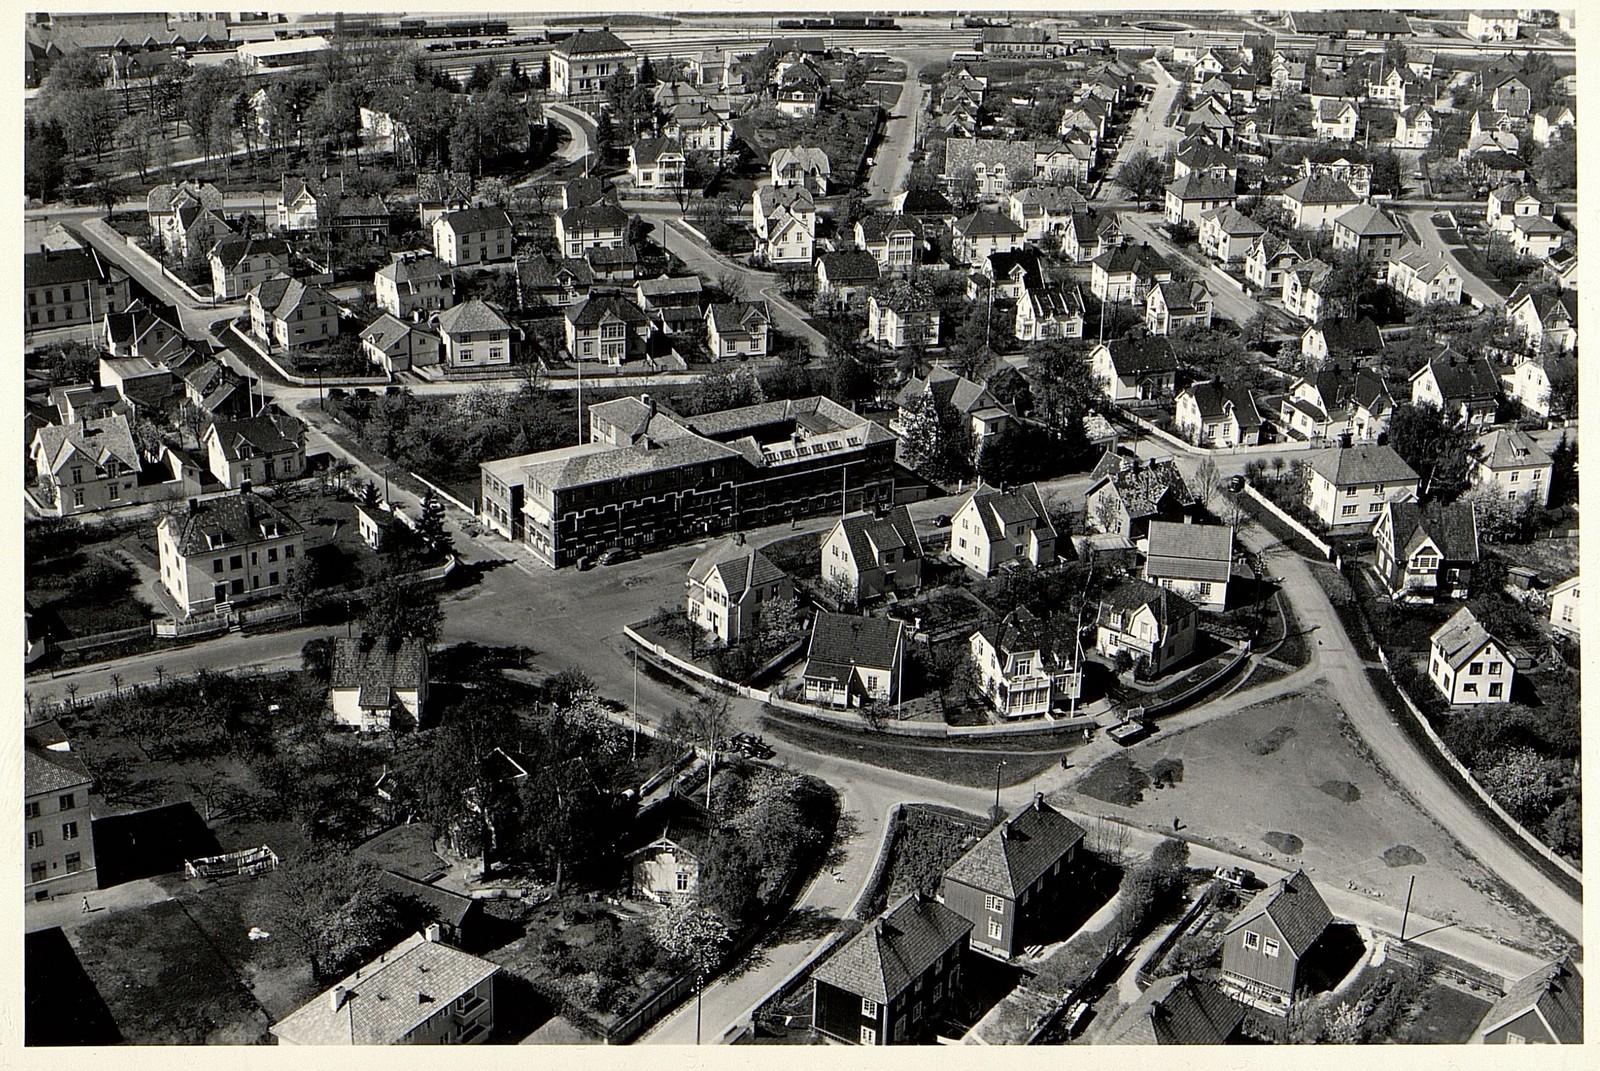 Flyfoto av Th. Marthinsen Sølvvarefabrikk og omegn i Tønsberg, 13.05.1953,